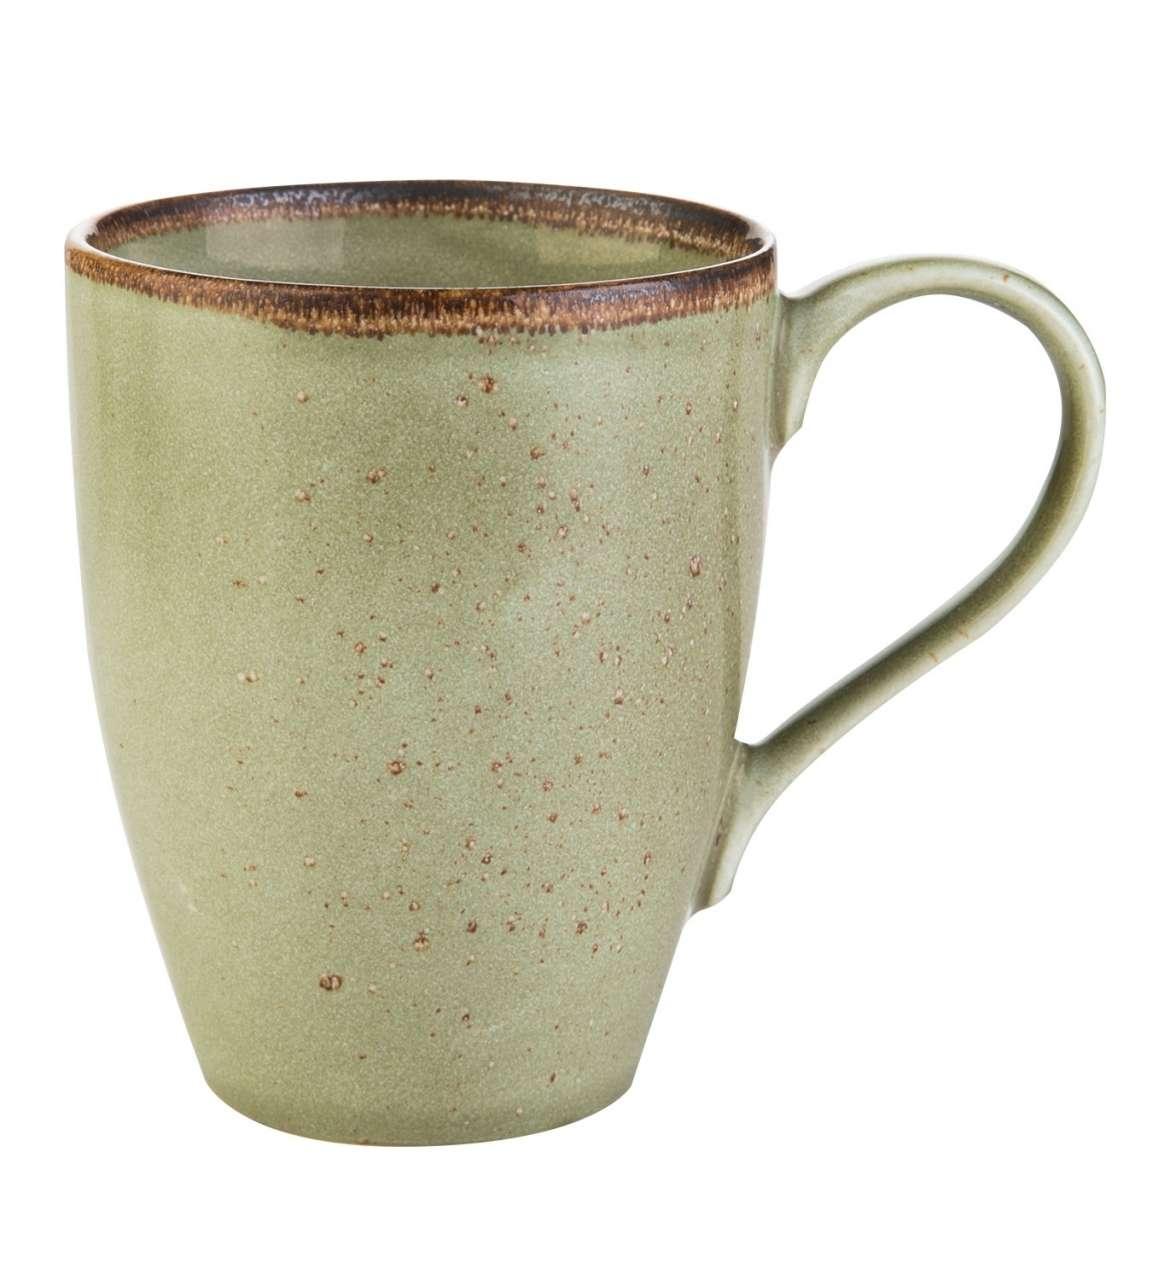 moebel-jack.de Kaffeebecher NATURE COLLECTION 4, Steinzeug, Grün, spülmaschinenfest